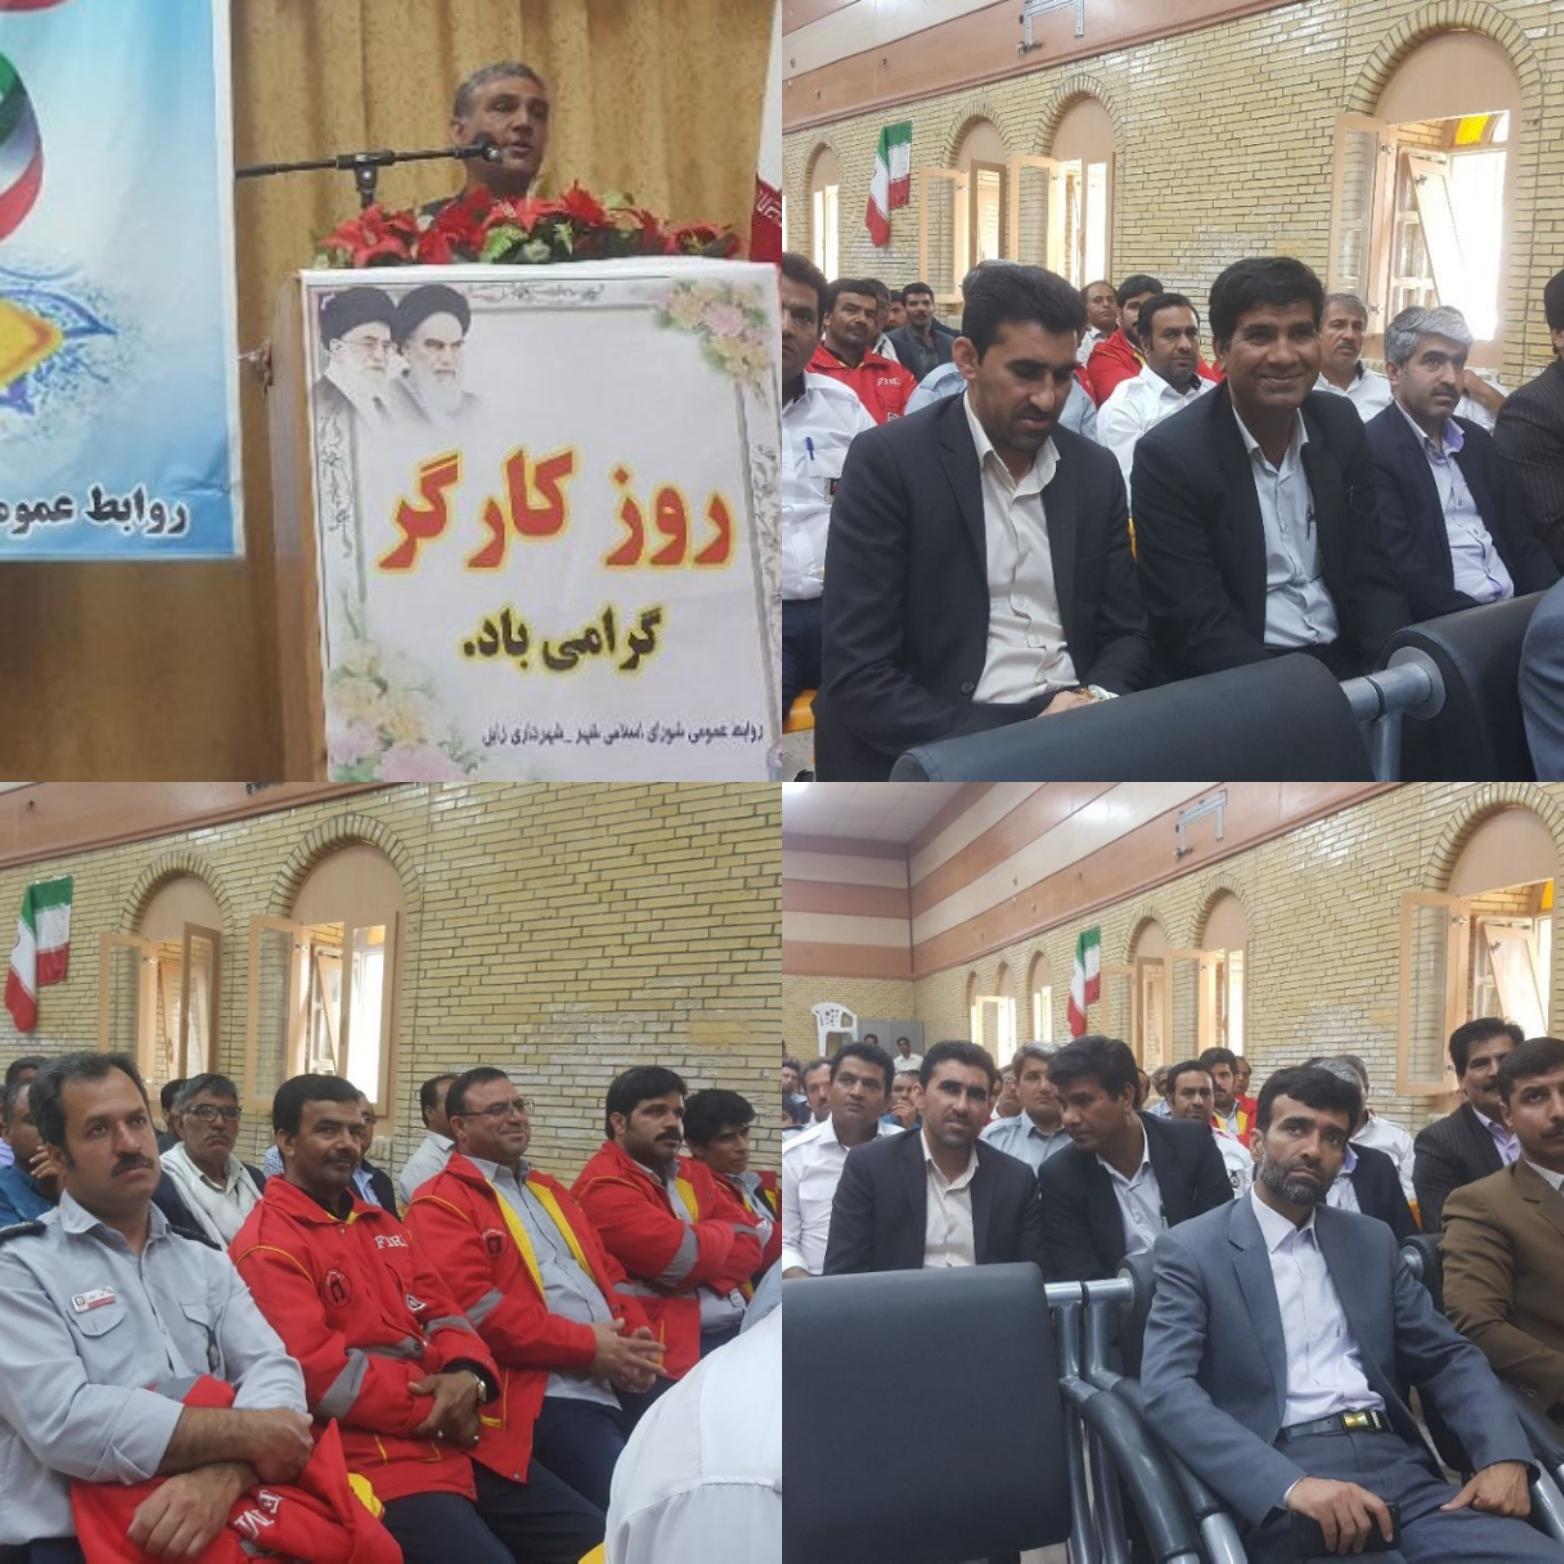 همایش ویژه هفته کارگر در سالن اجتماعات شهرداری زابل برگزار شد